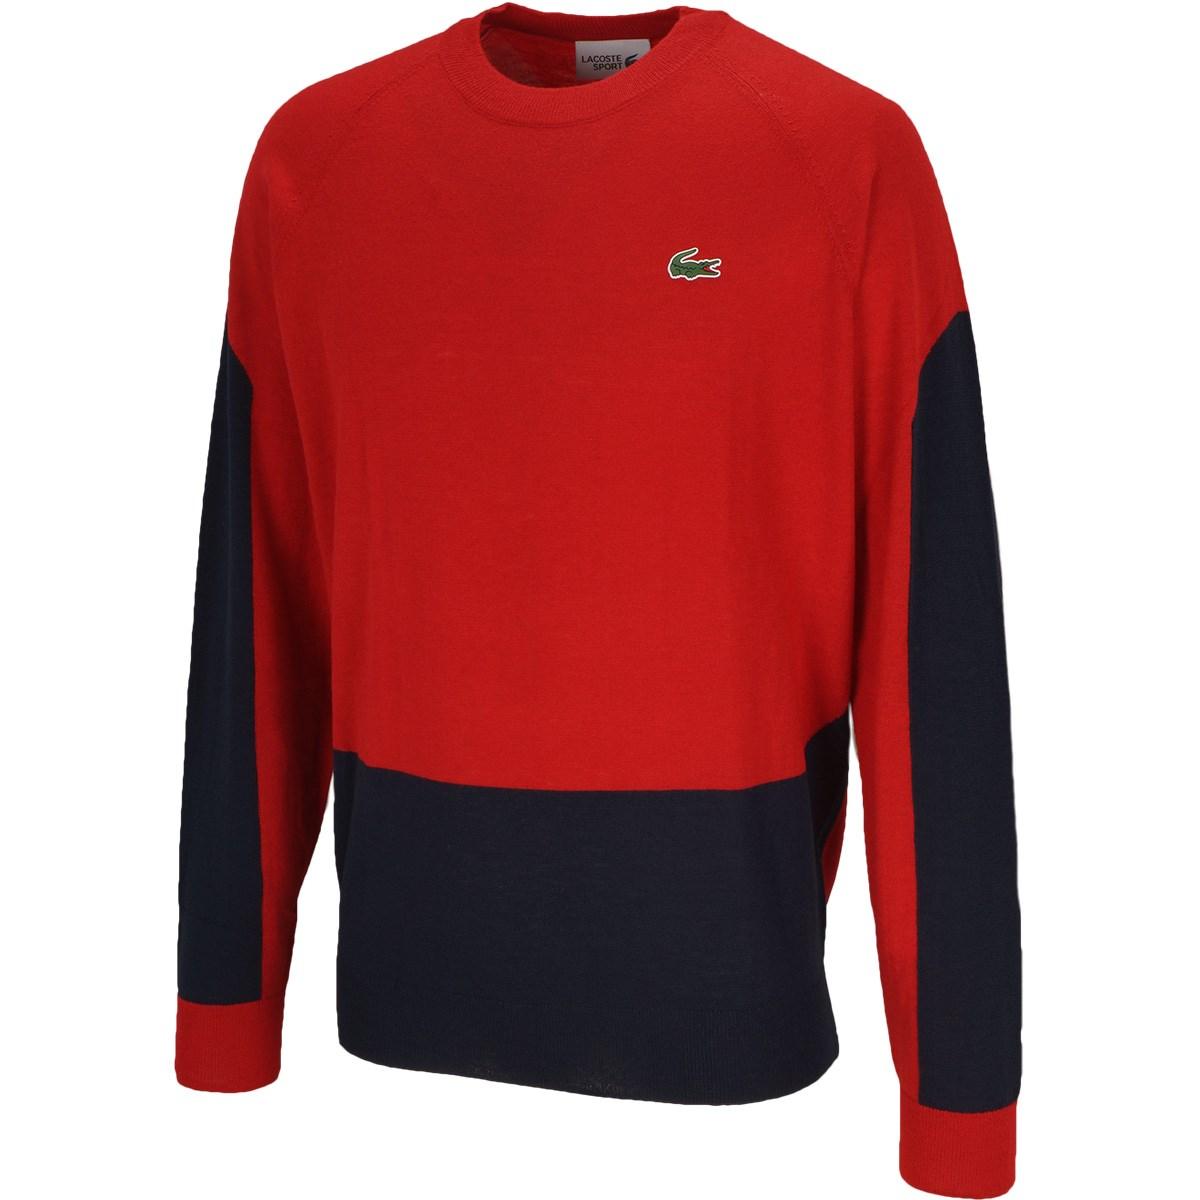 ラコステ カラーブロッキングゴルフセーター